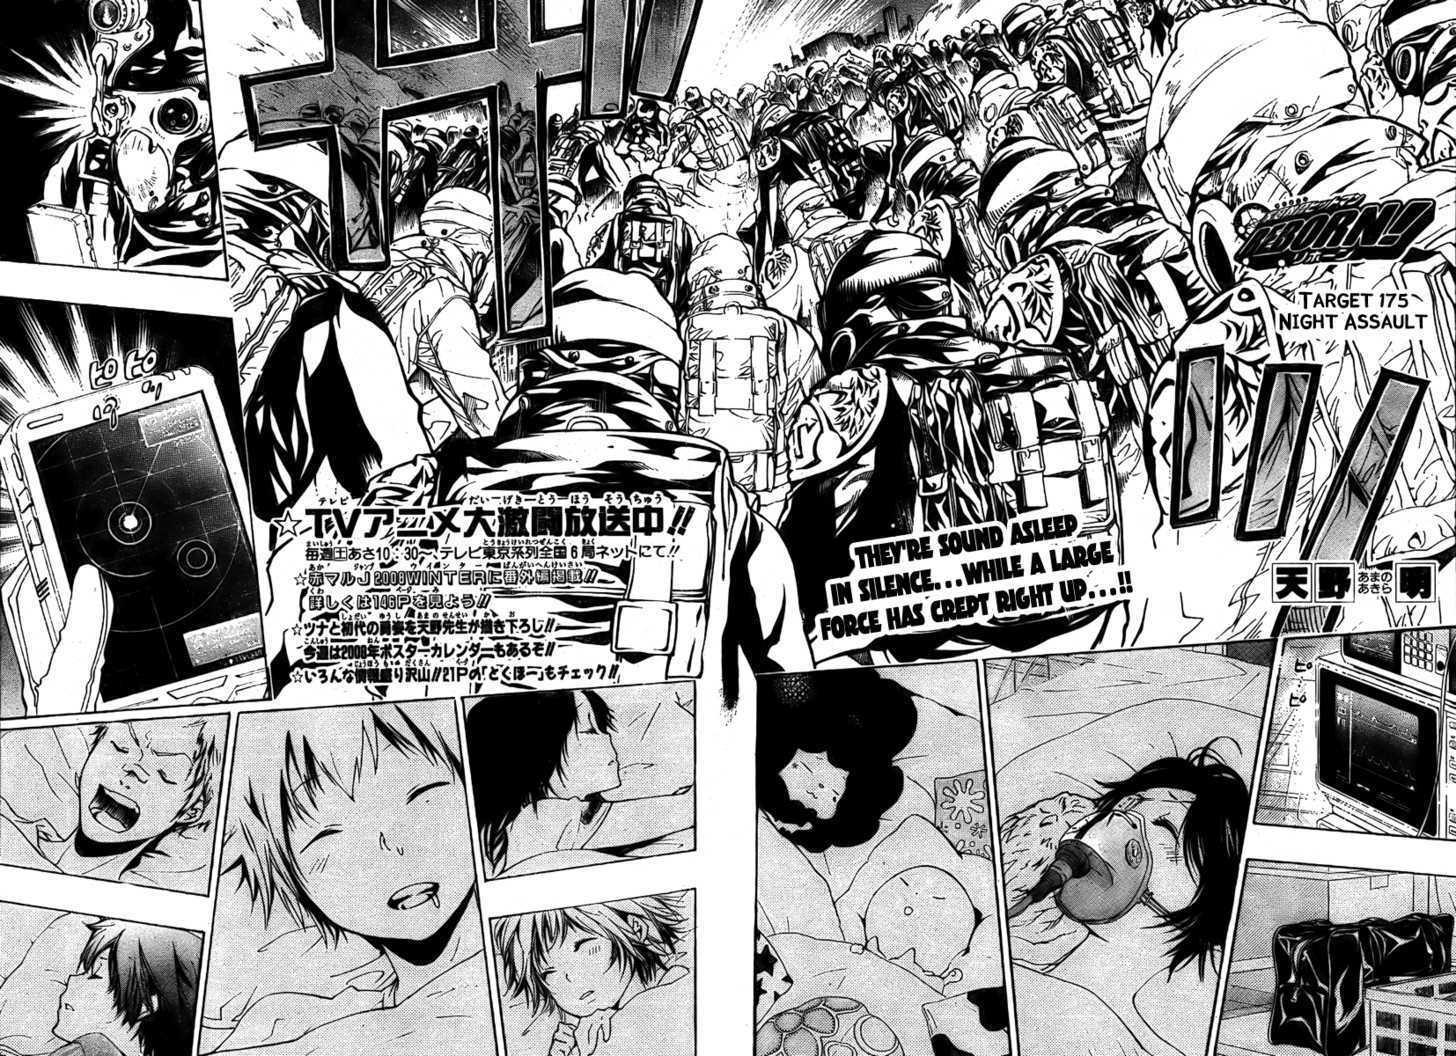 Katekyo Hitman Reborn 175 Page 2